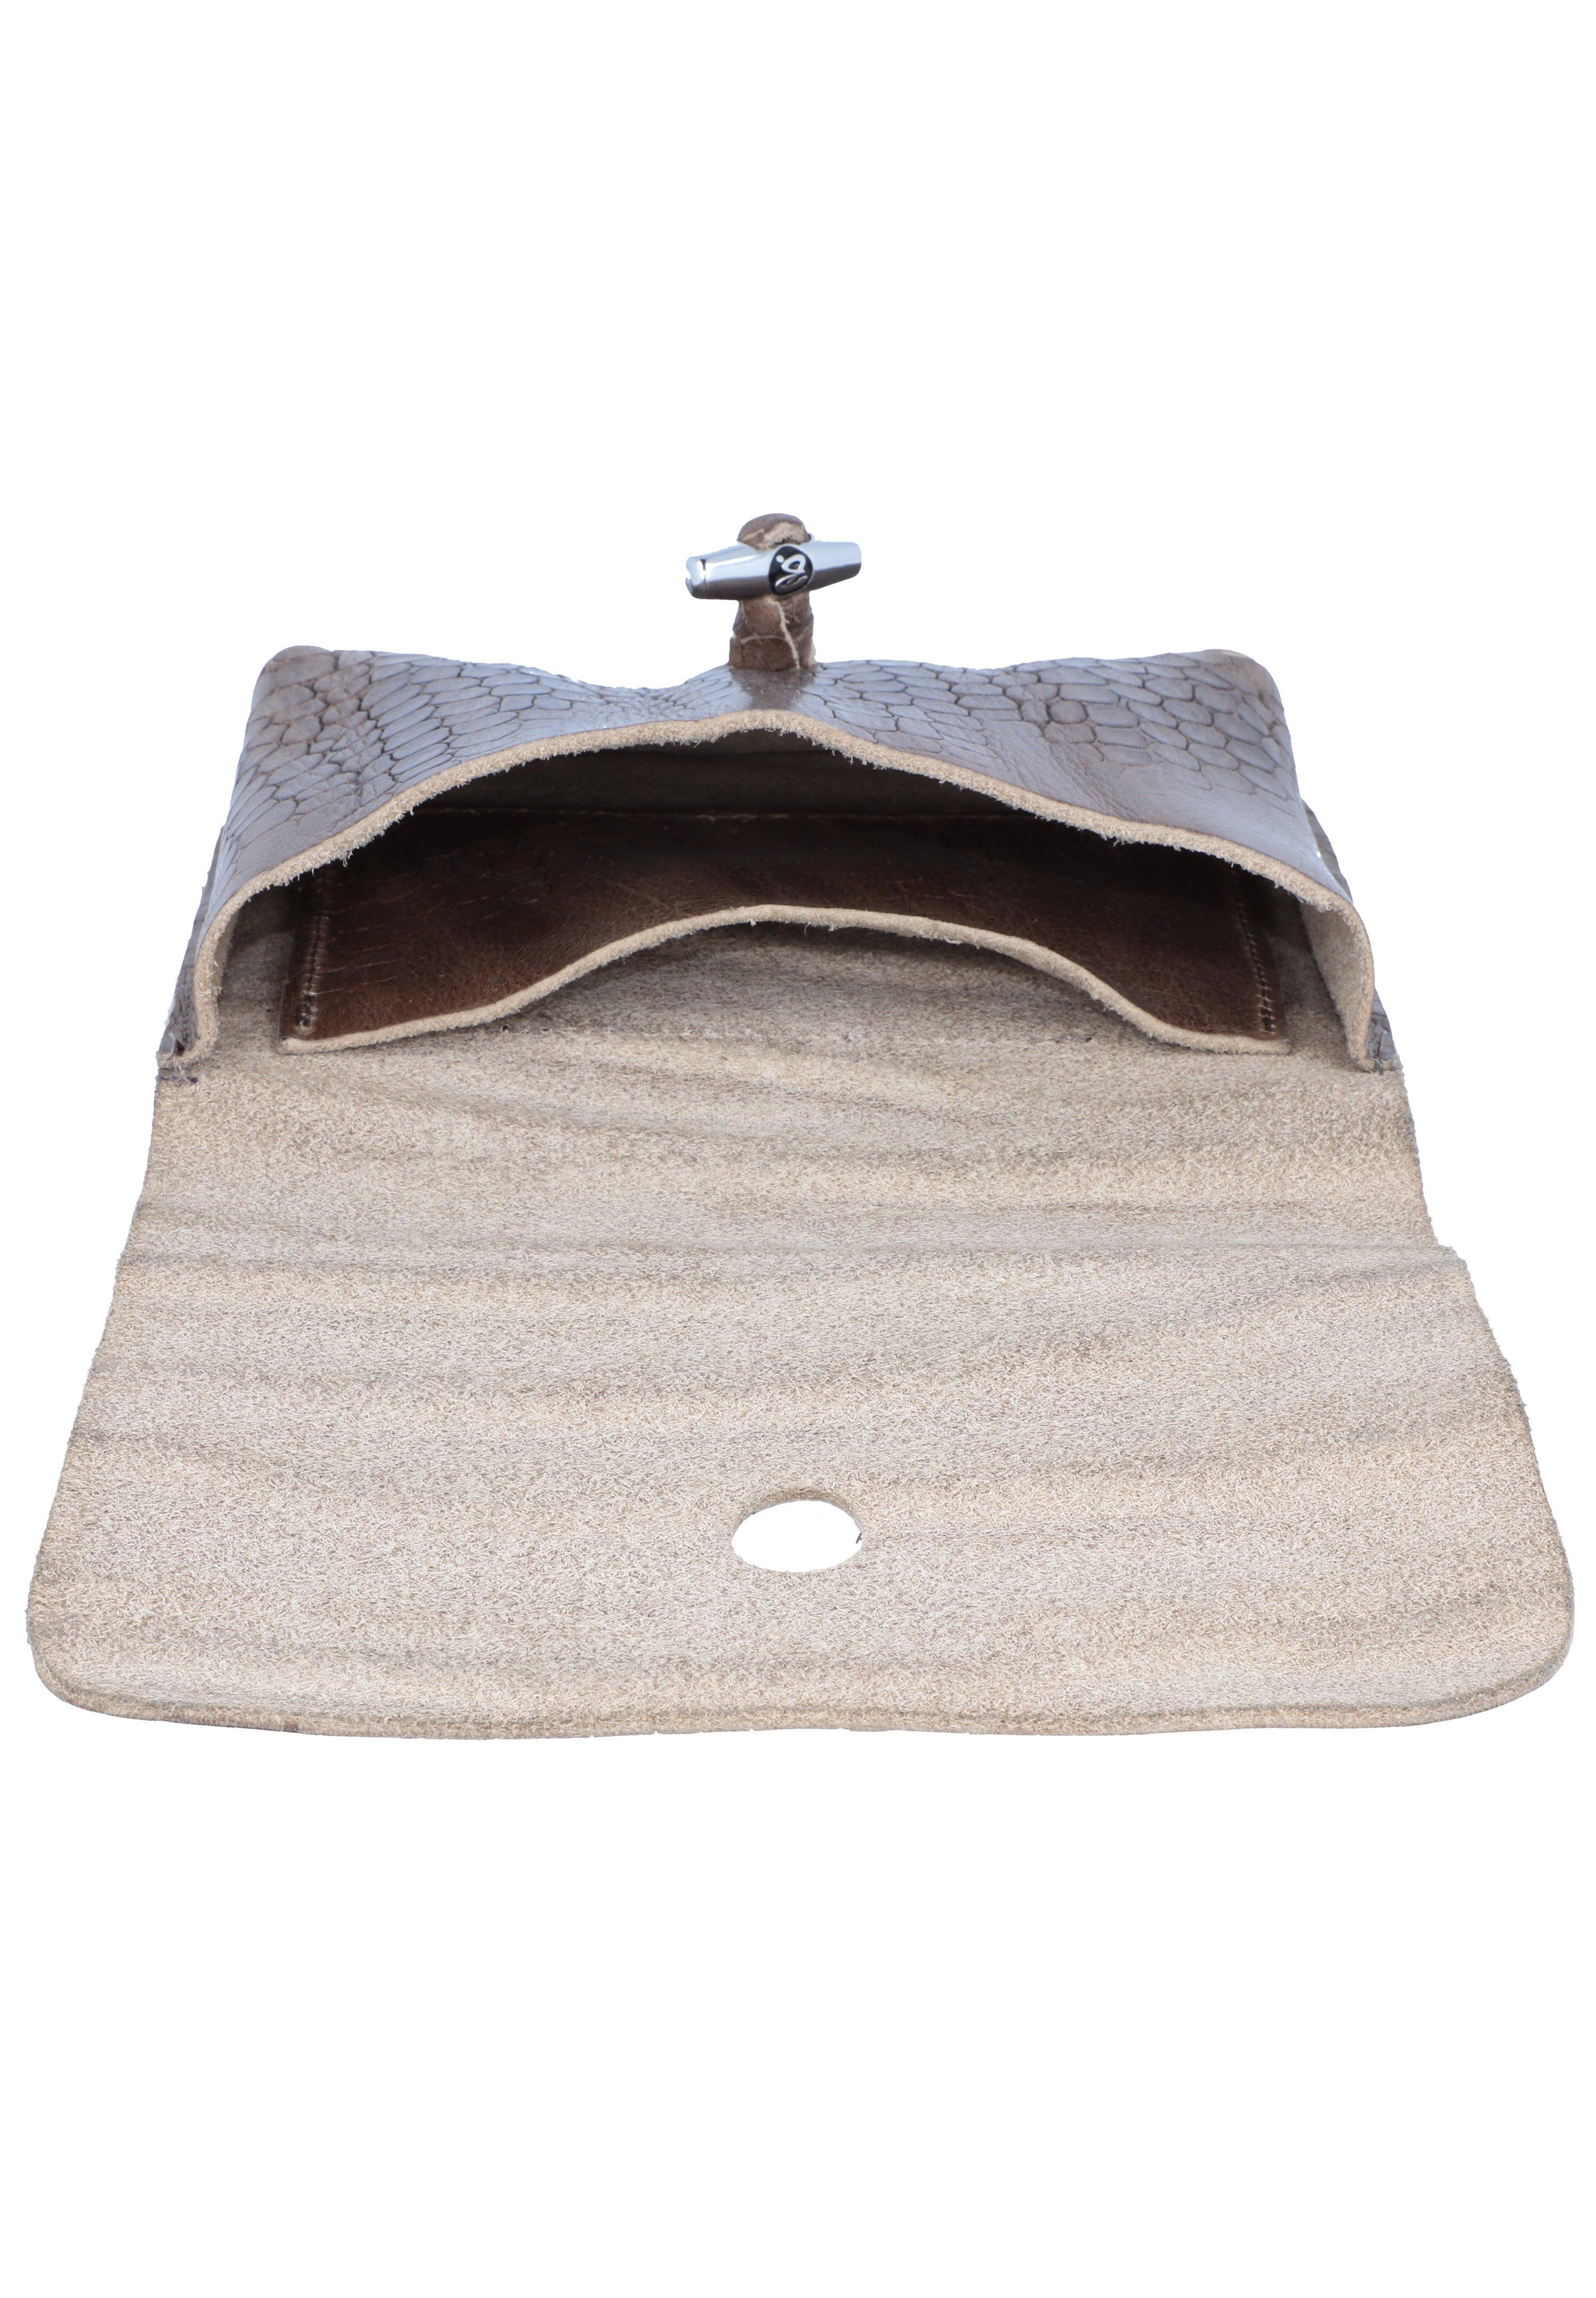 B belt B Pochette B belt belt Gray Pochette Gray 8mNOwyn0v